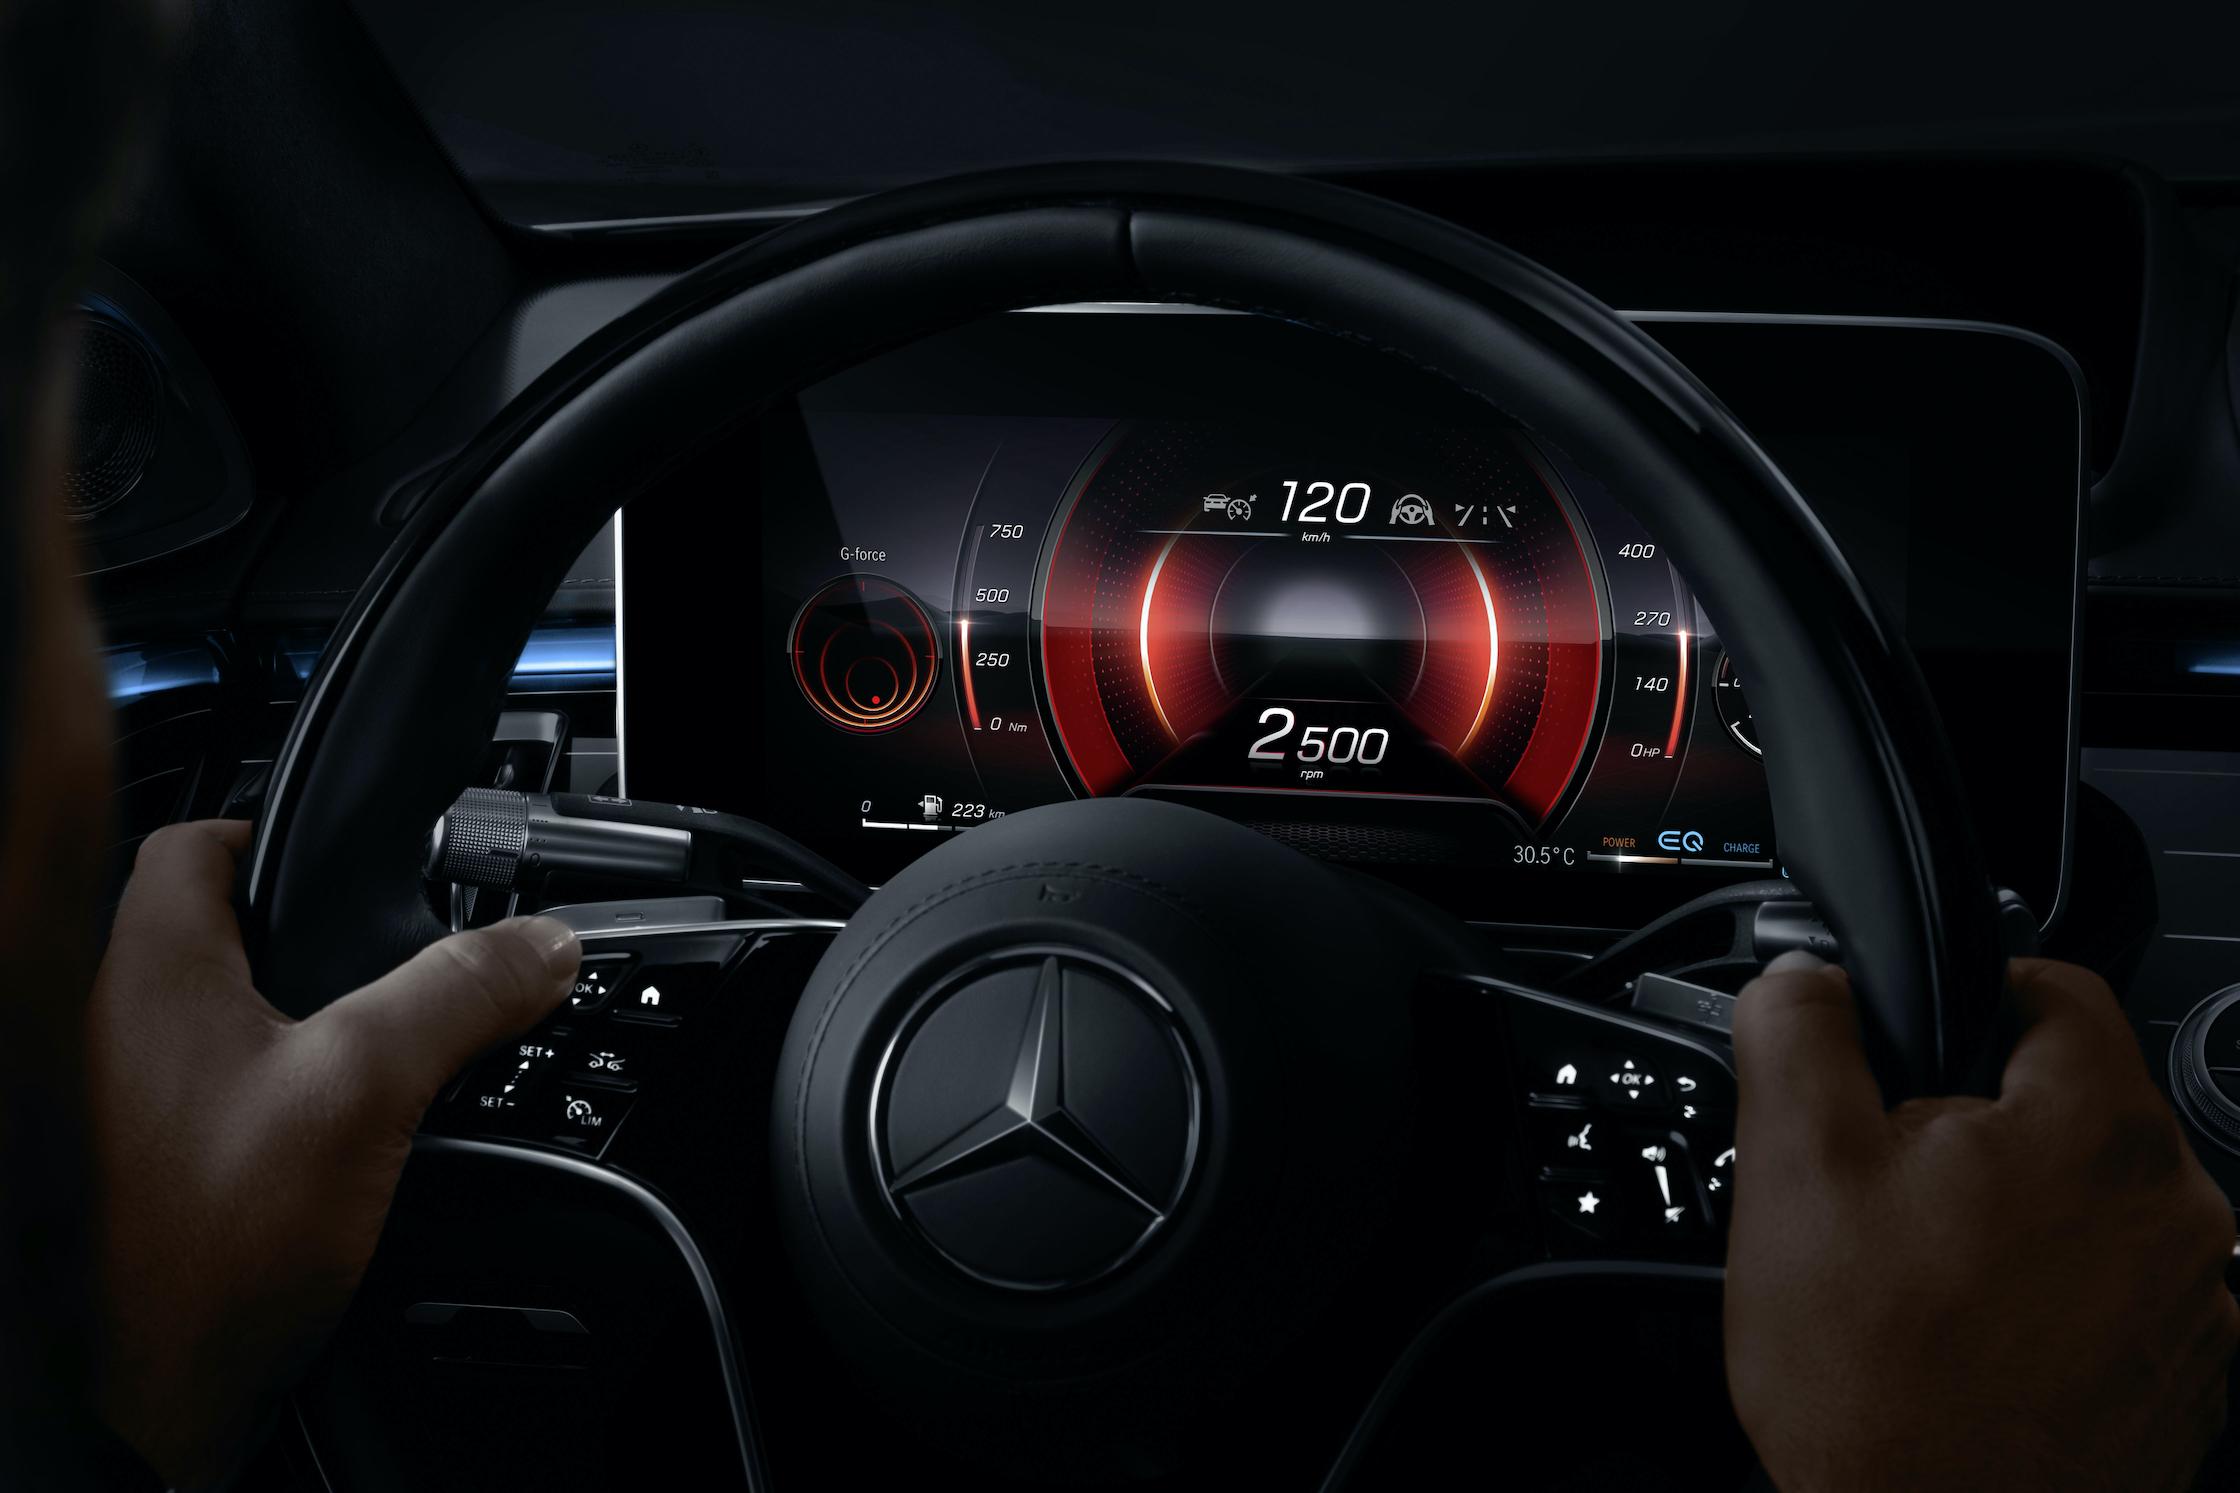 """Lernen Sie die S-Klasse DIGITAL kennen: """"My MBUX"""" (Mercedes-Benz User Experience)"""